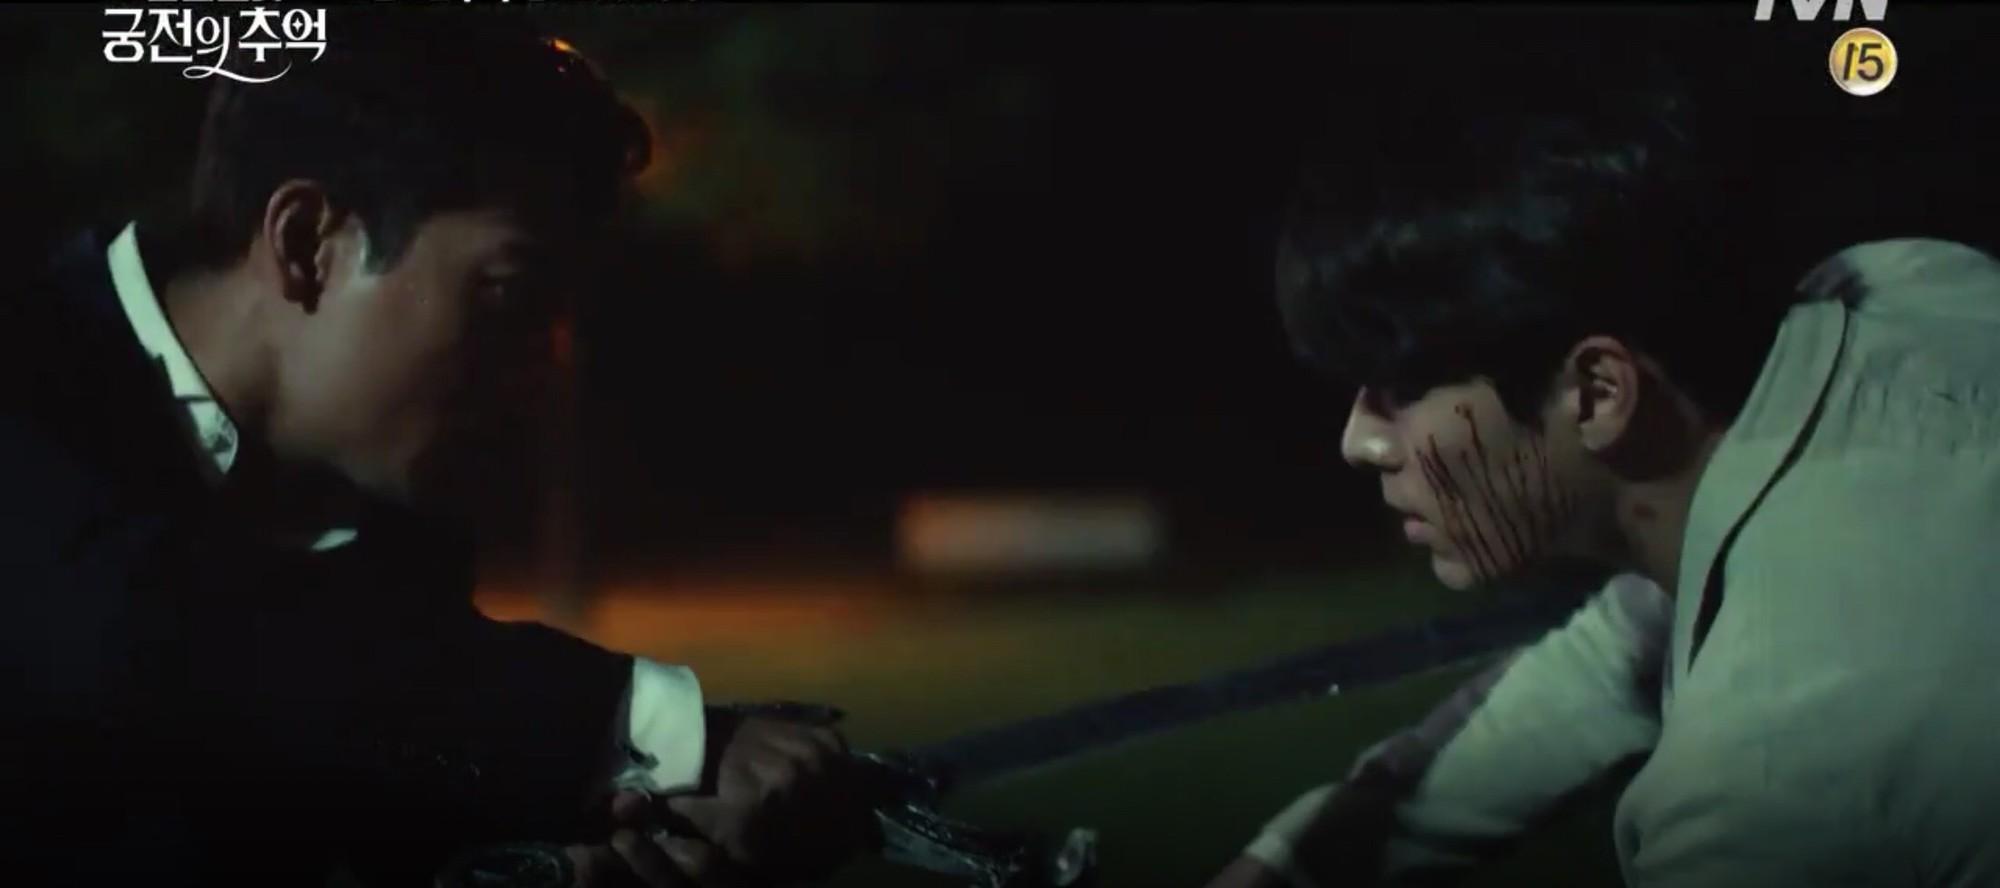 Park Shin Hye trùm khăn đỏ huyền bí trong teaser Memories of the Alhambra vừa tung nóng hổi - Ảnh 15.